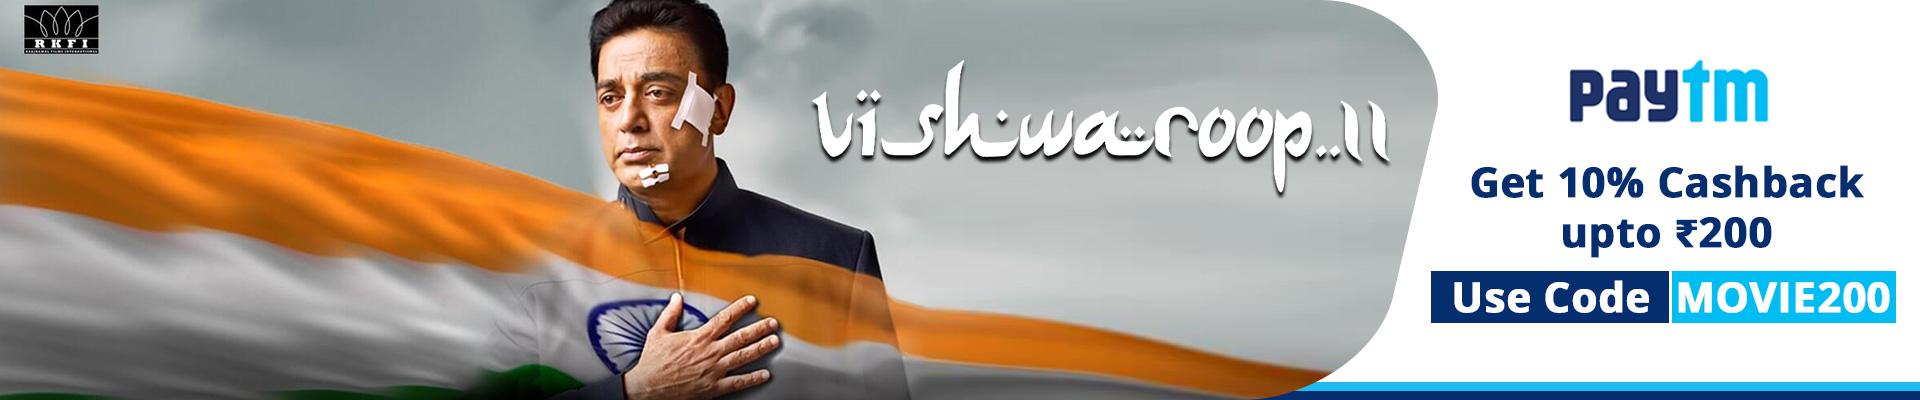 Viswaroopam 2 RestOfIndia Banner